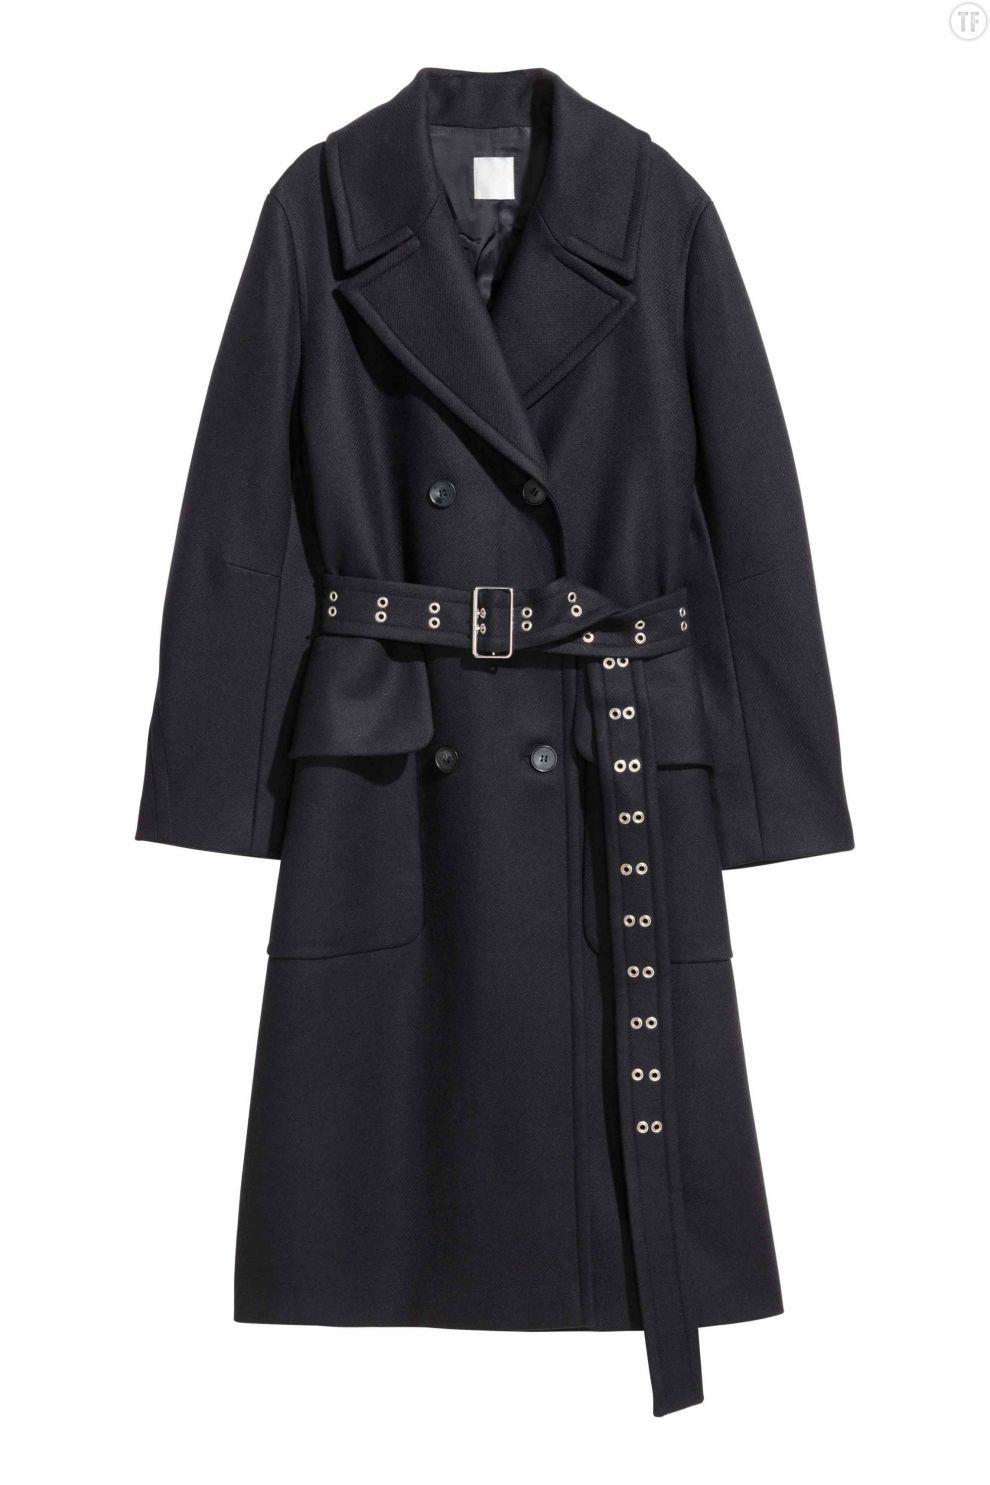 Manteau bleu foncé ceinturé H&M, 199€